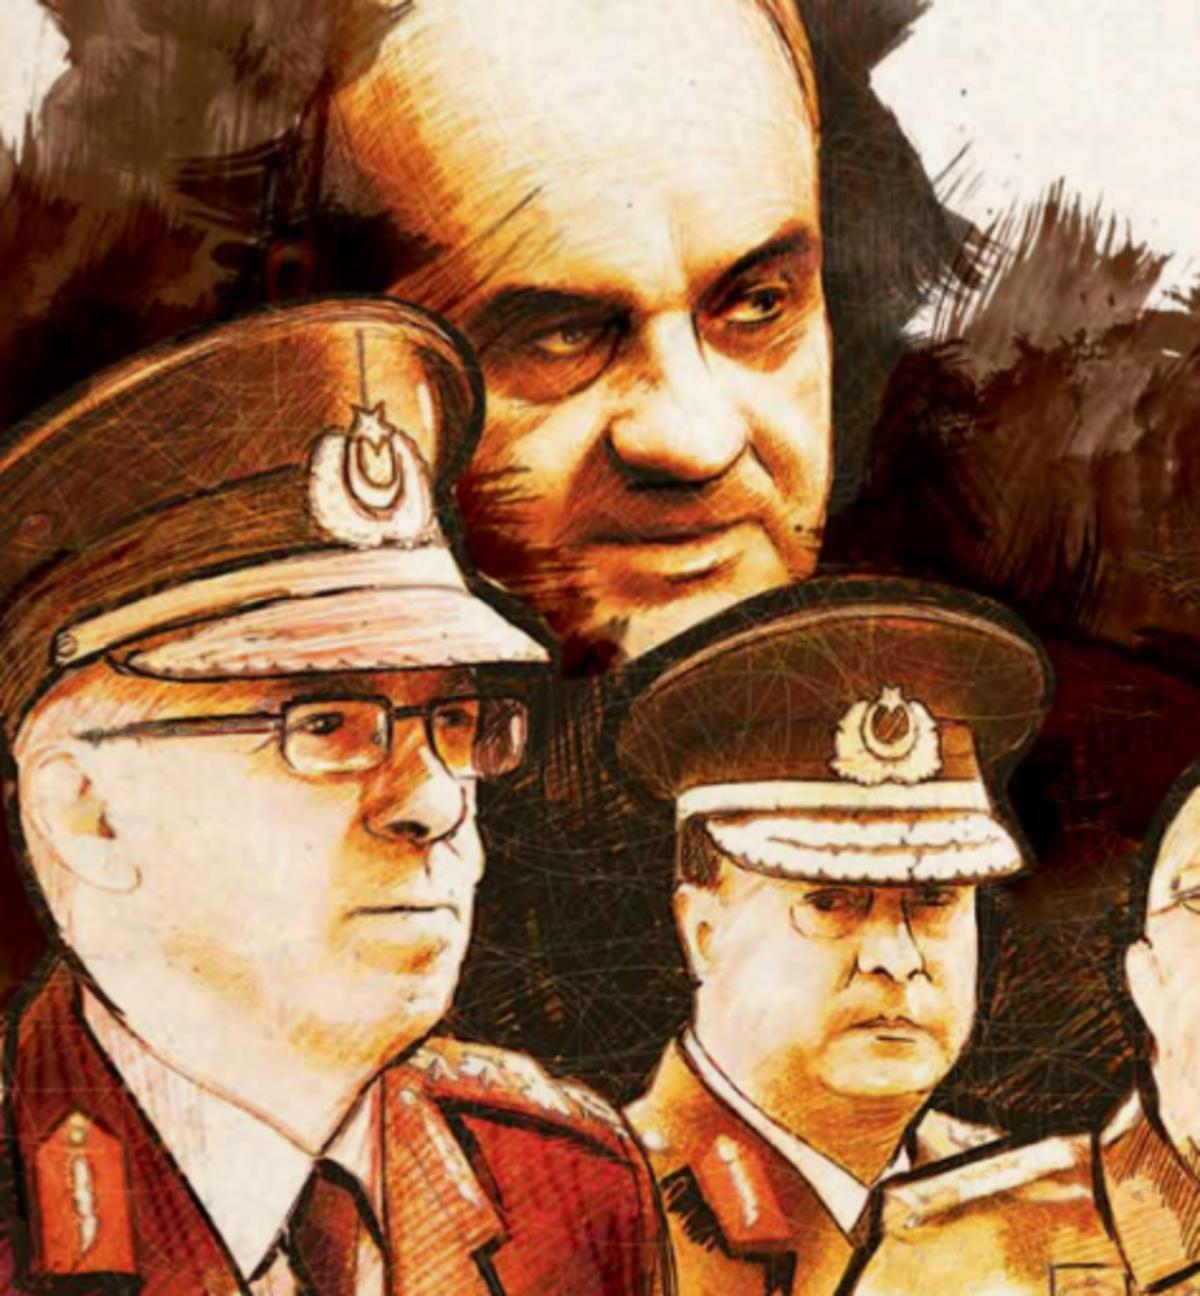 Θερμό επεισόδιο με την Ελλάδα και πραξικόπημα στην Τουρκία   Newsit.gr